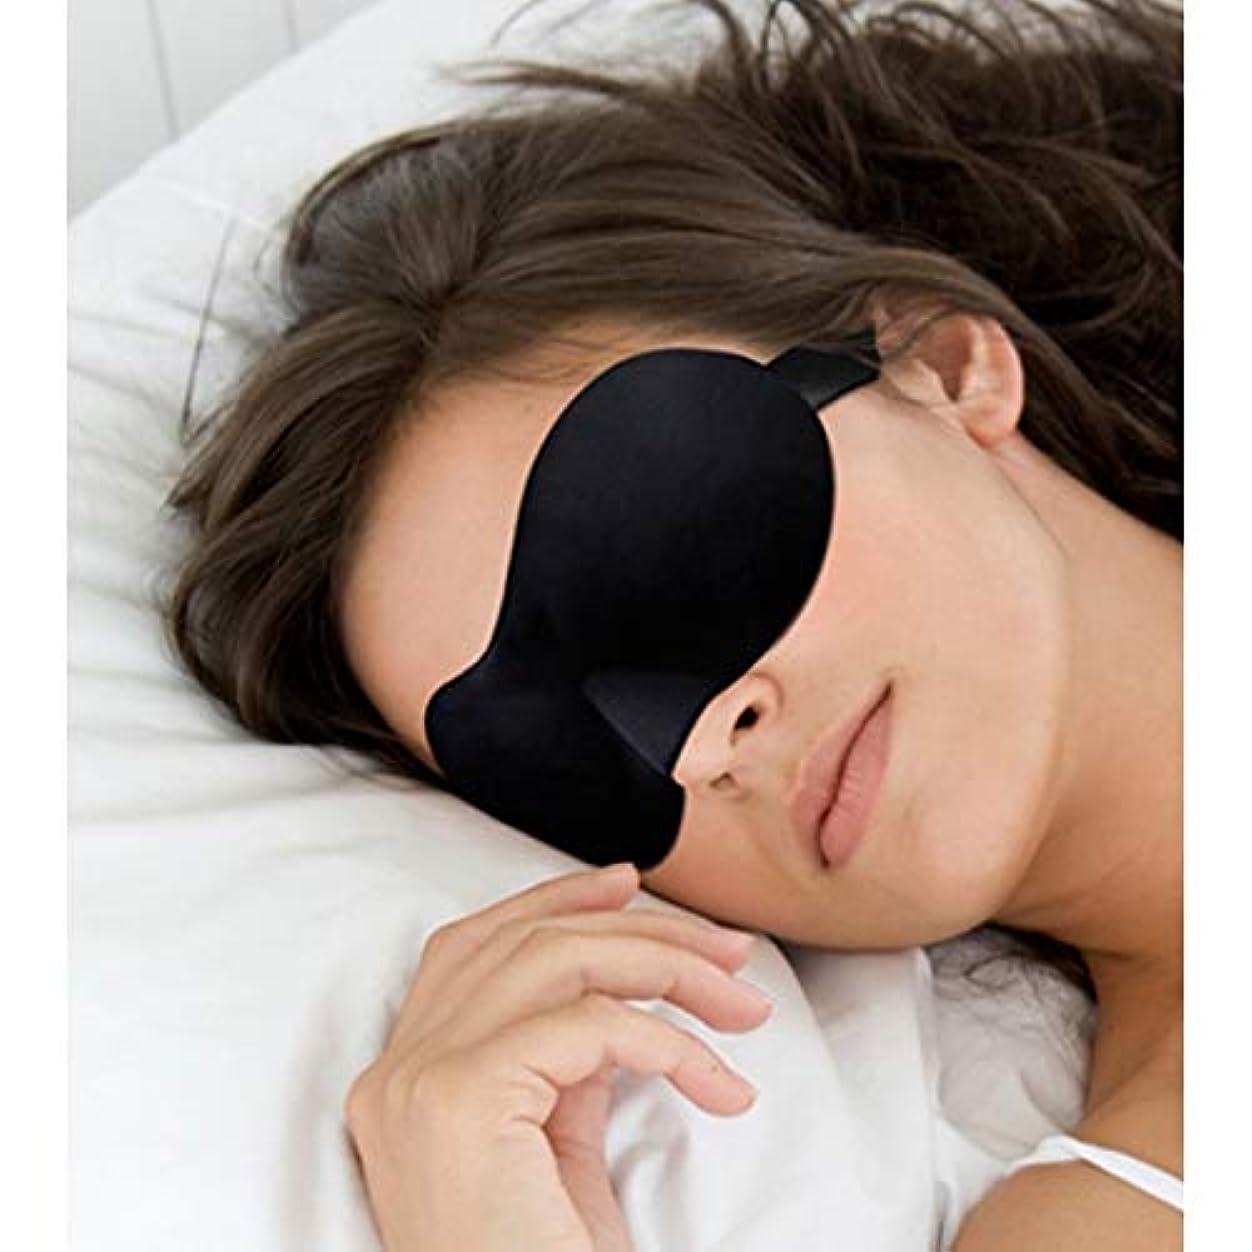 ブリーク大使メルボルンNOTE 1ピース3dアイシェード睡眠マスクナチュラル睡眠アイマスクカバーシェードアイパッチソフトポータブル目隠し旅行アイパッチZ3